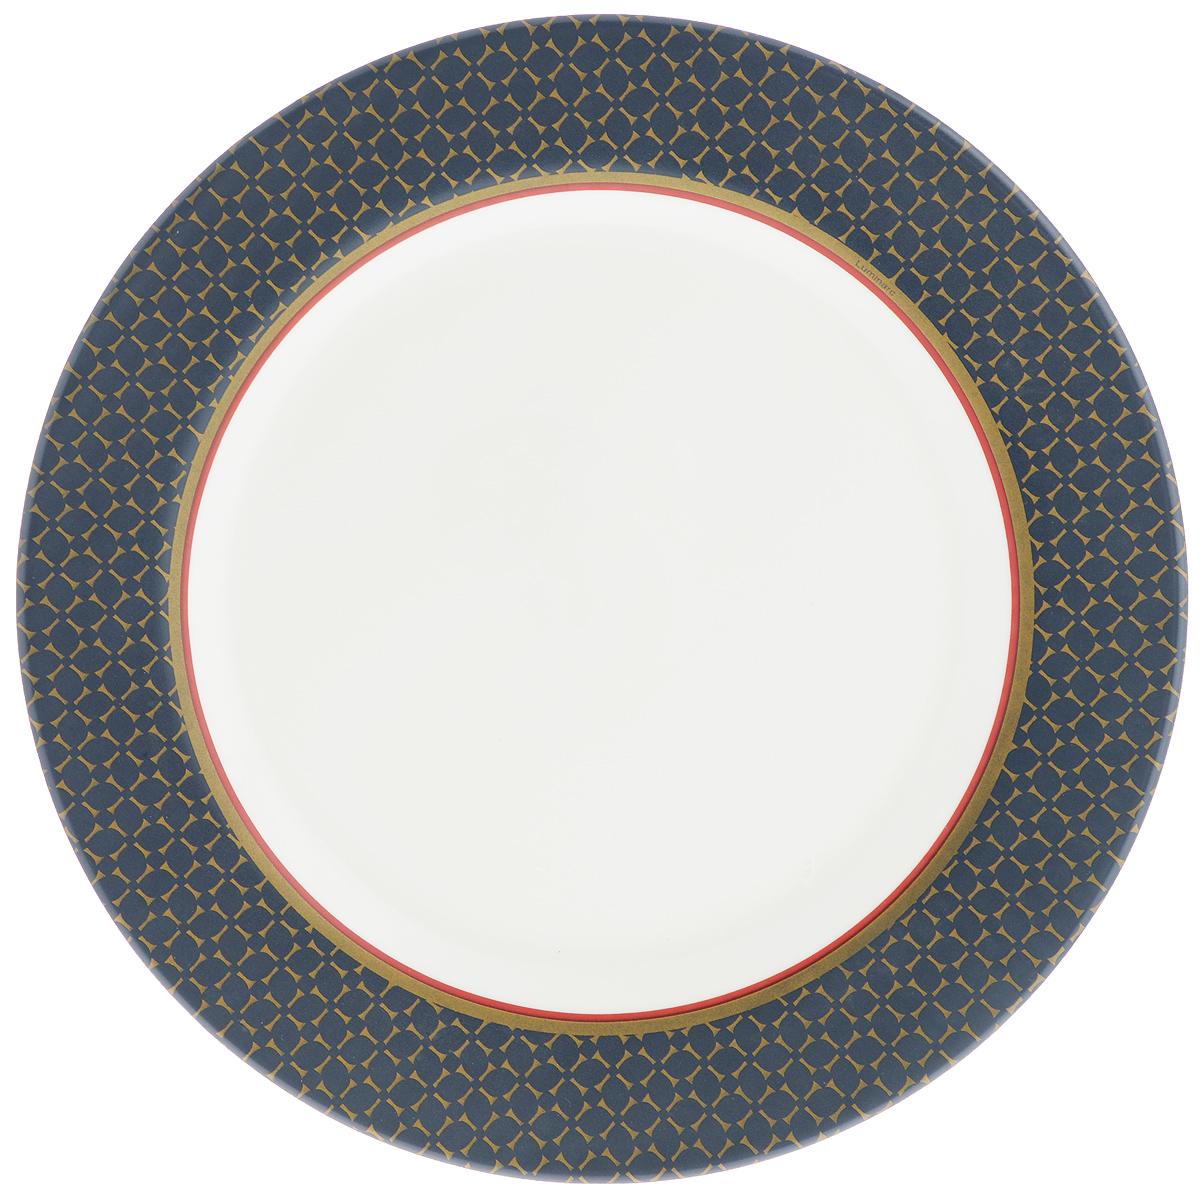 Тарелка обеденная Luminarc Alto Saphir, диаметр 27 смJ1749Обеденная тарелка Luminarc Alto Saphir, изготовленная из высококачественного стекла, имеет изысканный внешний вид. Такой дизайн придется по вкусу и ценителям классики, и тем, кто предпочитает утонченность. Тарелка Luminarc Alto Saphir идеально подойдет для сервировки стола и станет отличным подарком к любому празднику.